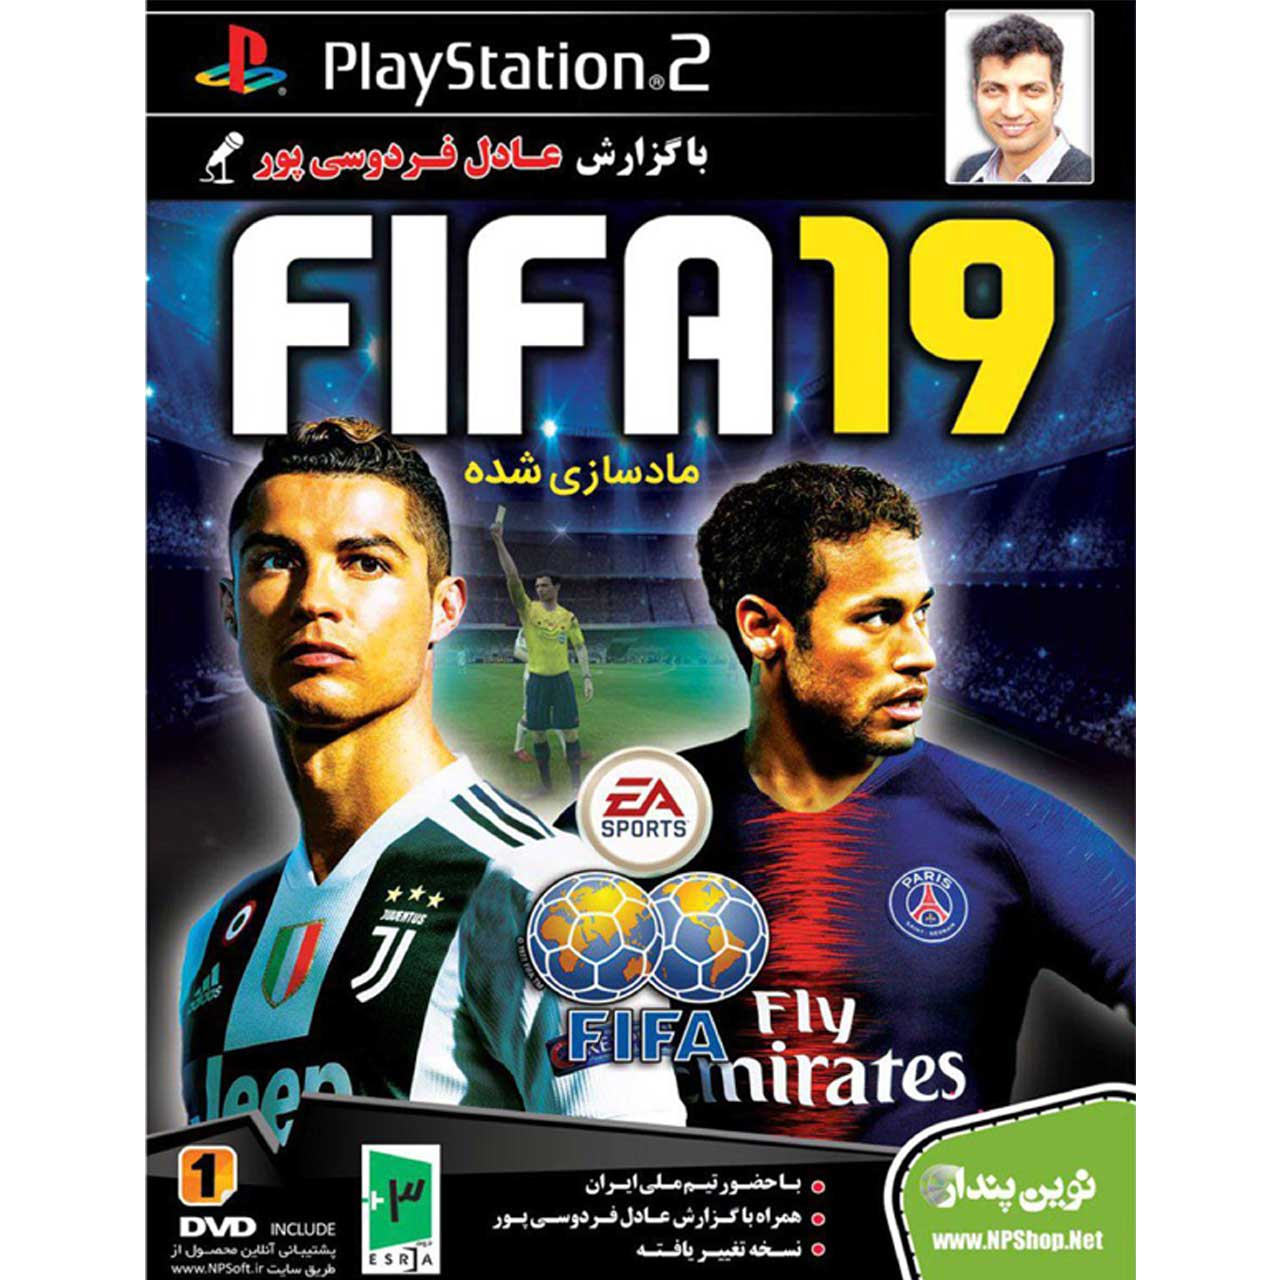 بازی FIFA19 با گزارش عادل فردوسی پور مخصوص پلی استیشن ۲